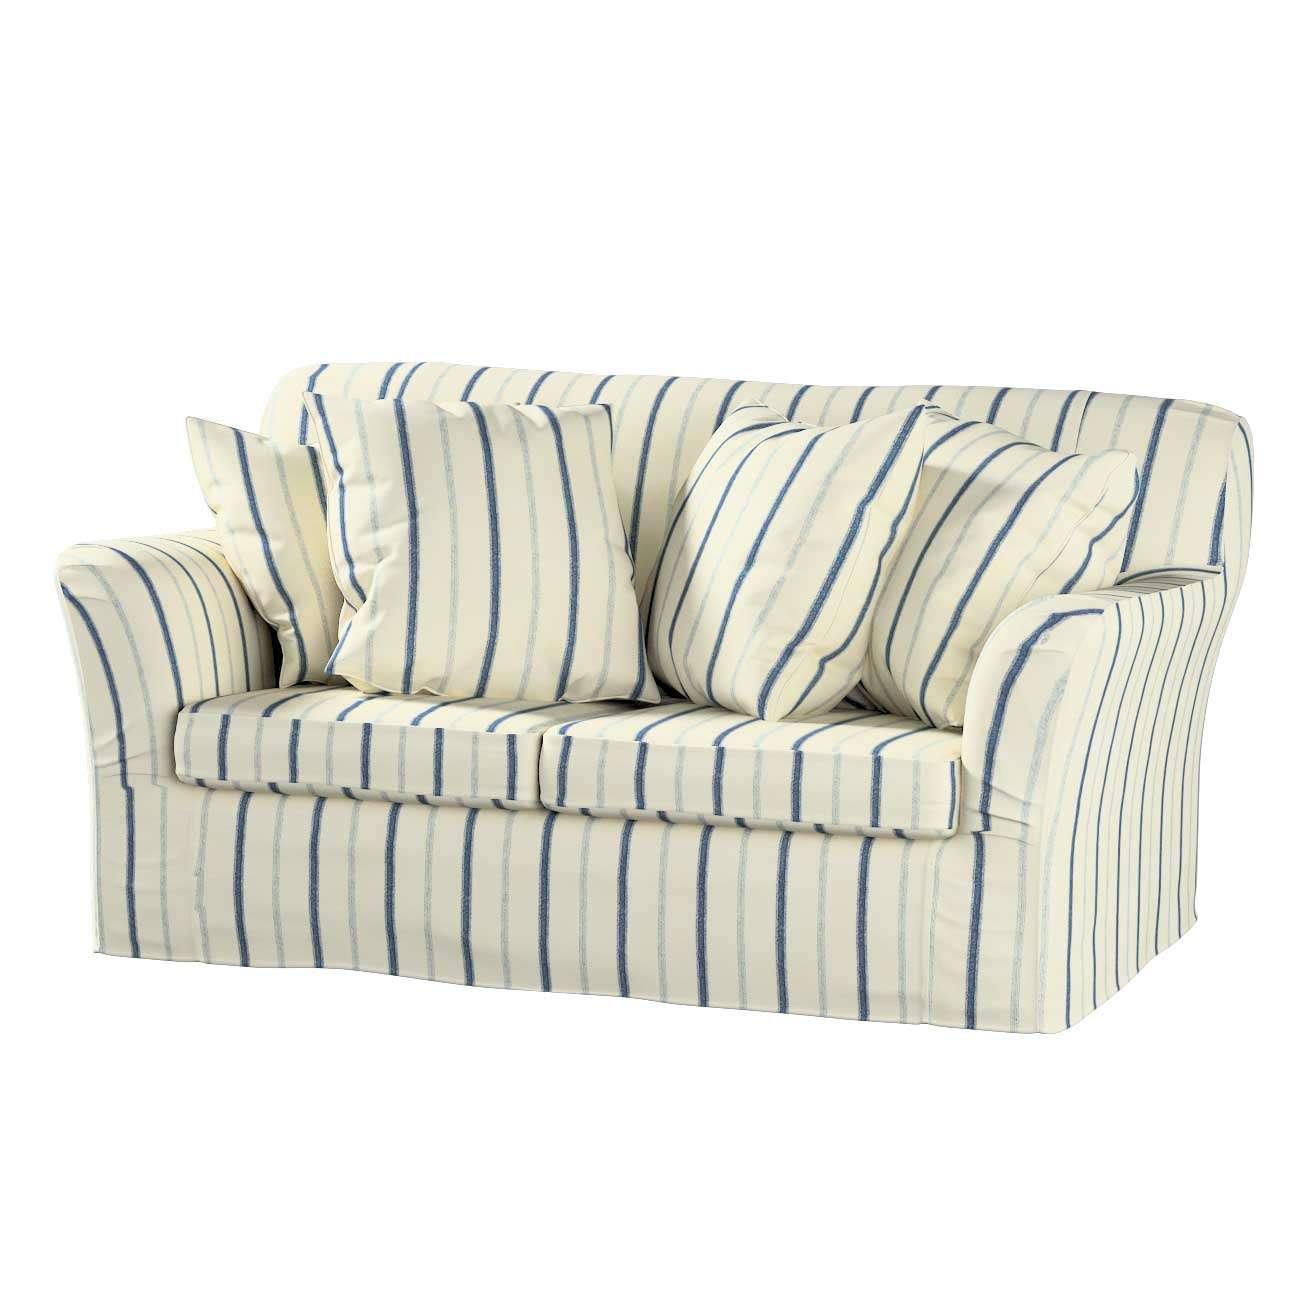 Tomelilla 2-seater sofa cover in collection Avinon, fabric: 129-66